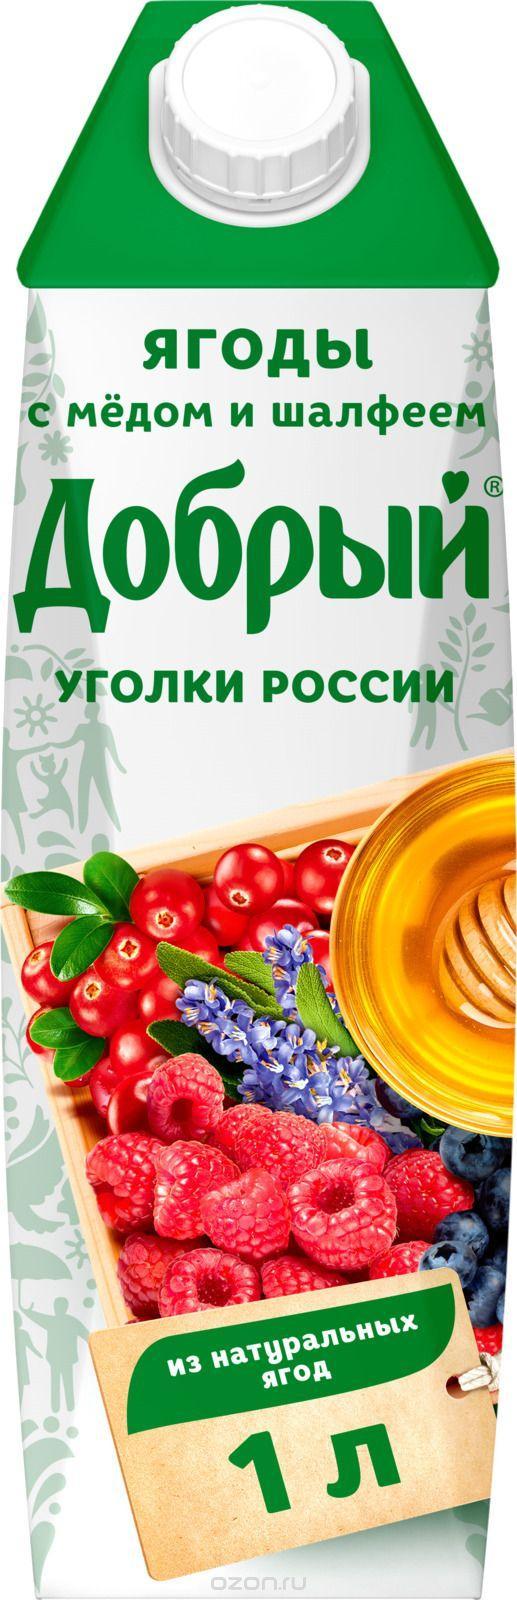 Напиток Добрый Уголки России Ягоды с медом и шалфеем